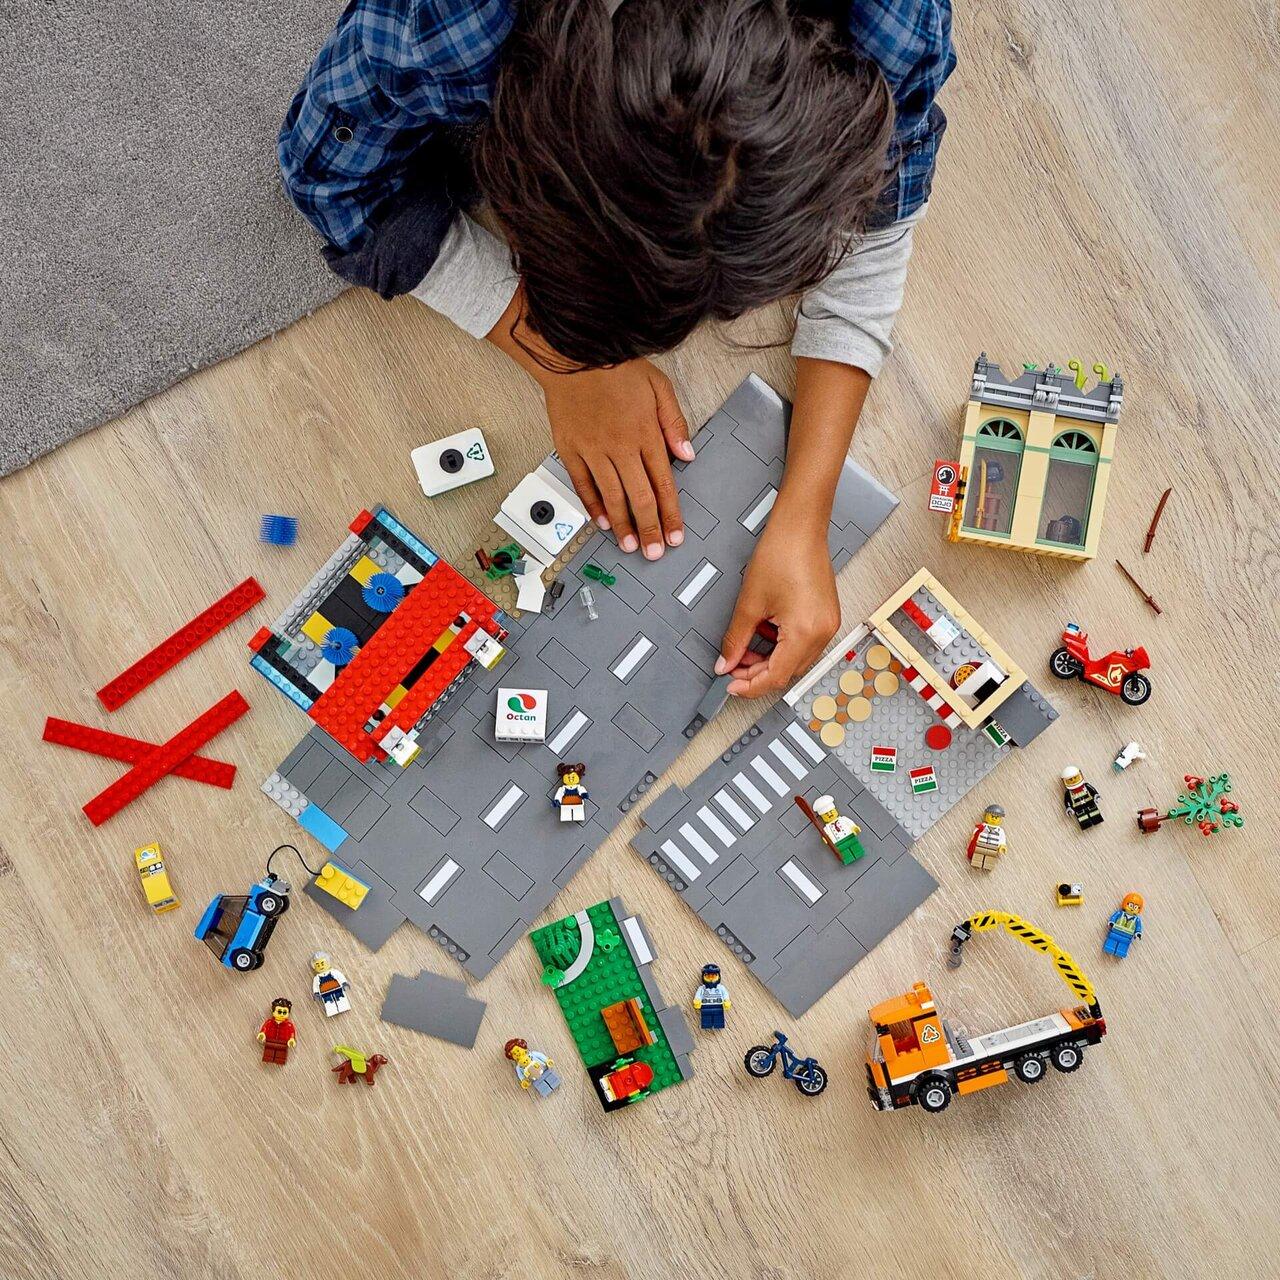 「レゴ® で遊ぶ子どもの様子